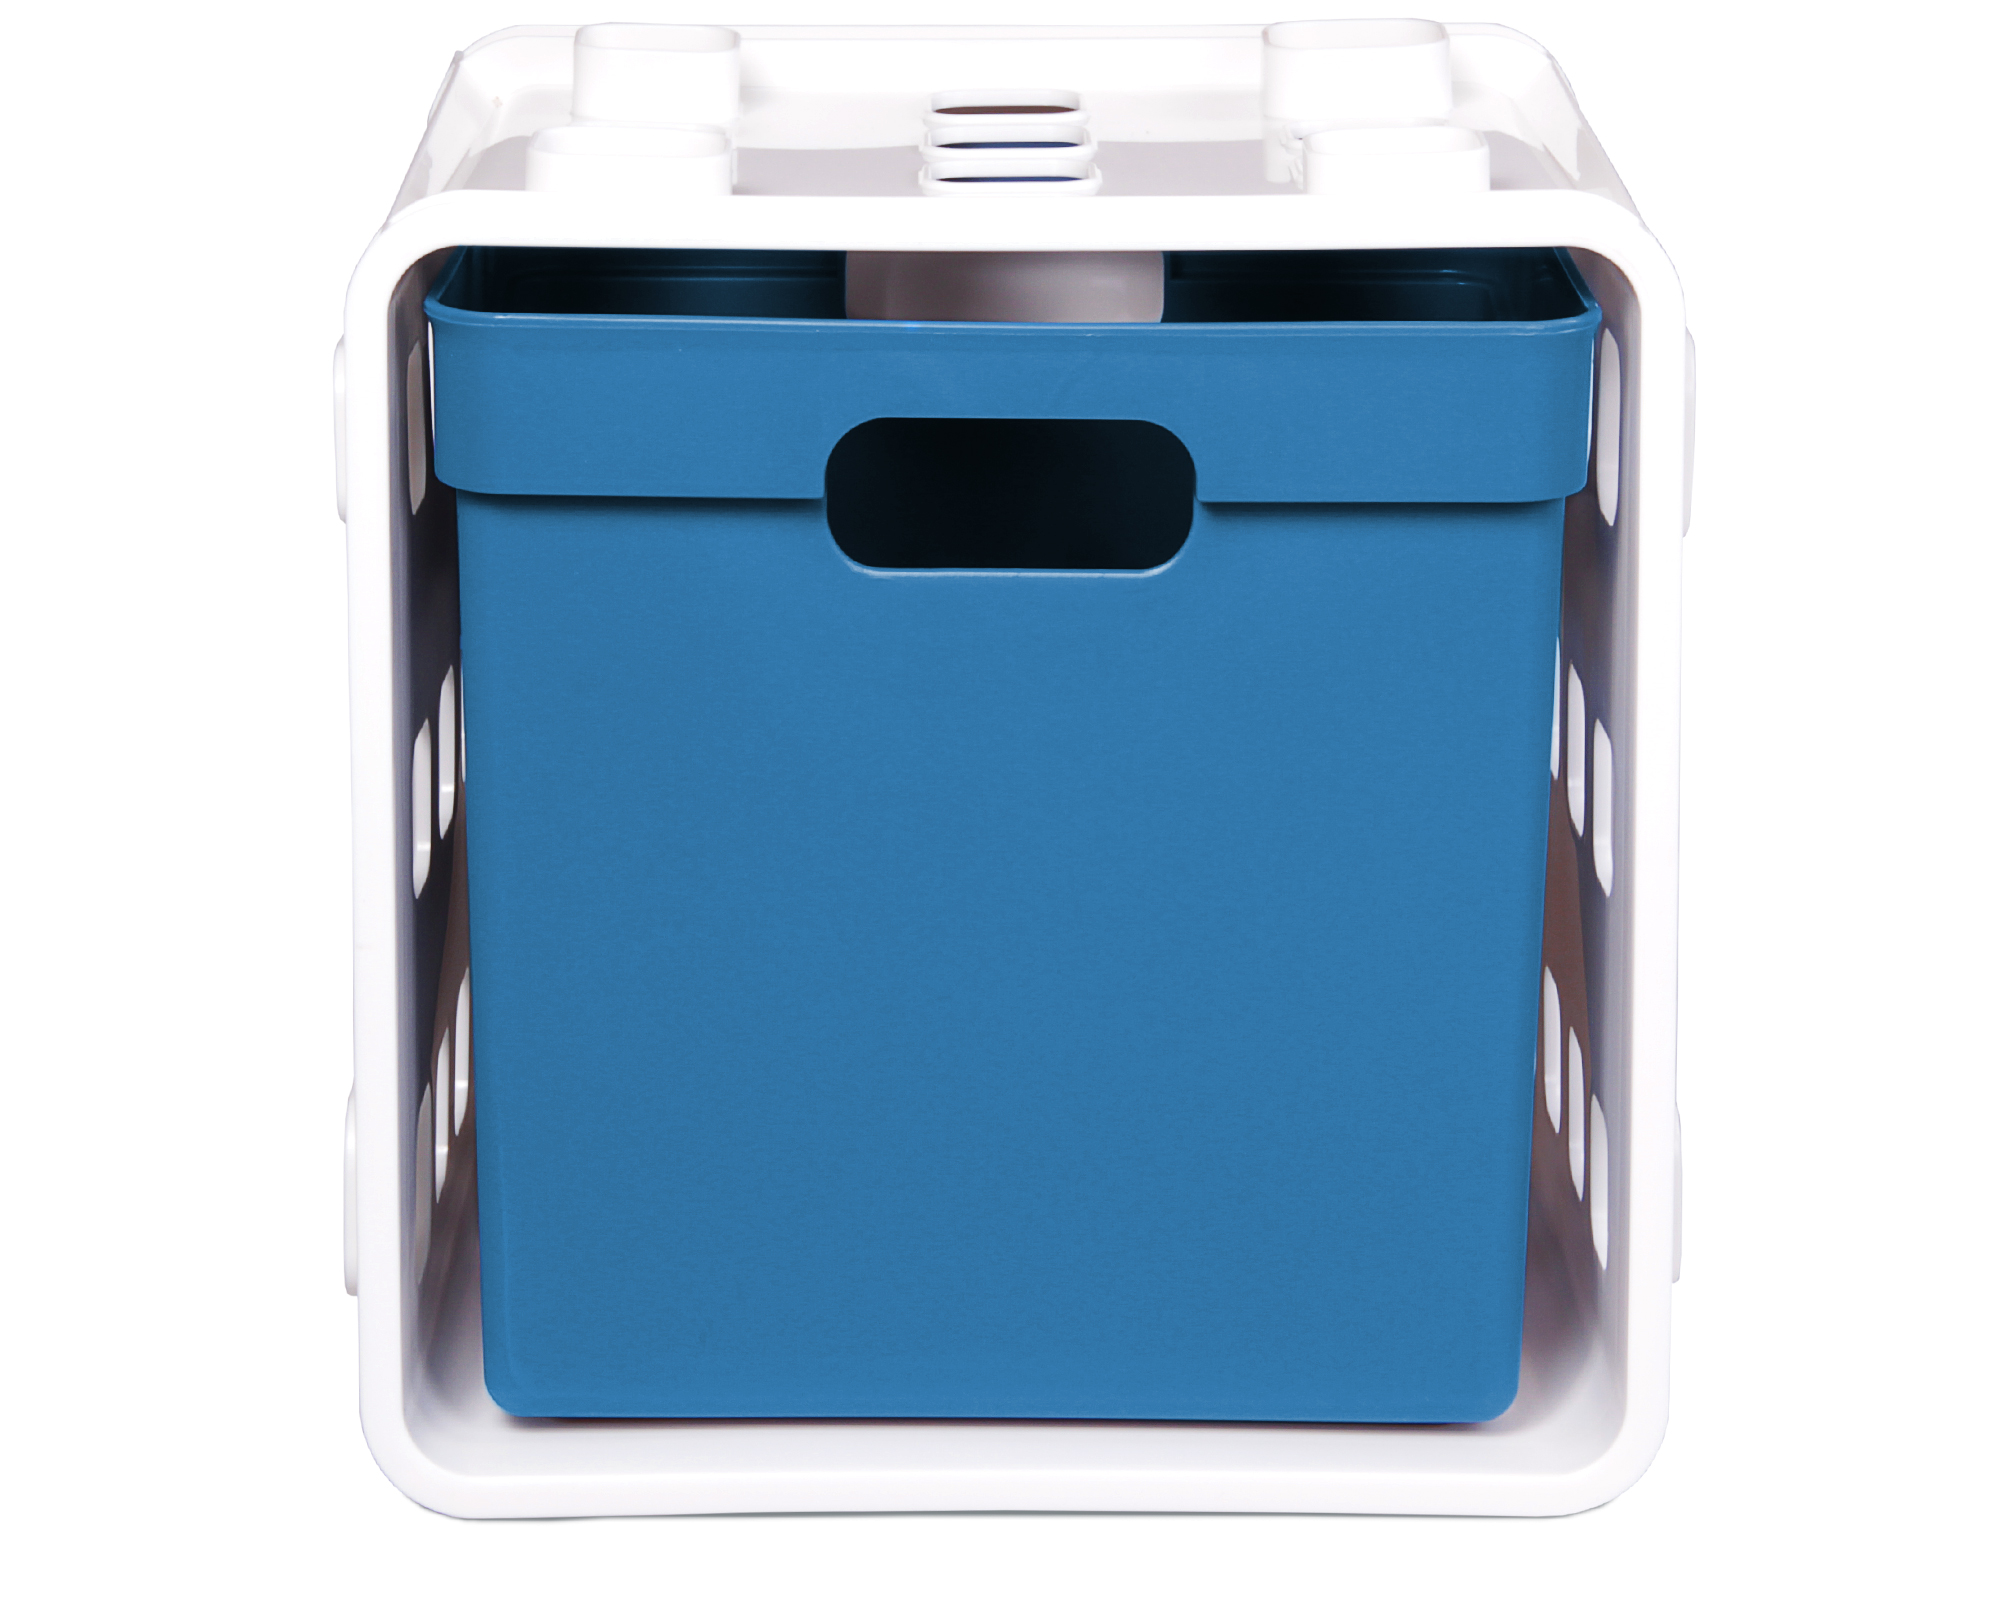 Bezaubernd Regalsystem Günstig Beste Wahl Steckregal Cube Storage Blau